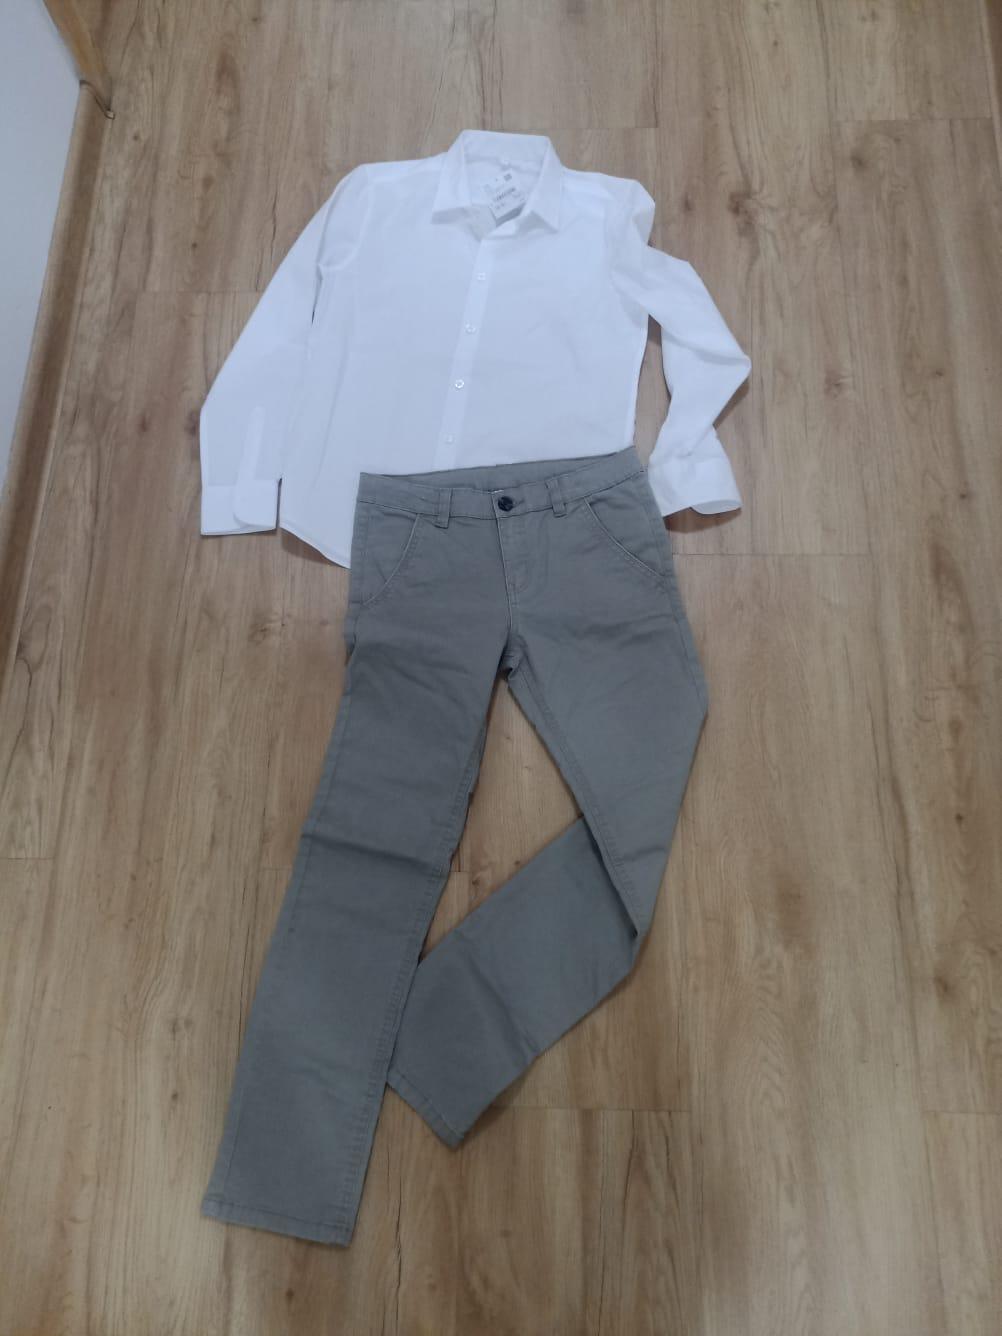 Chlapecké oblečení - Obrázek č. 1